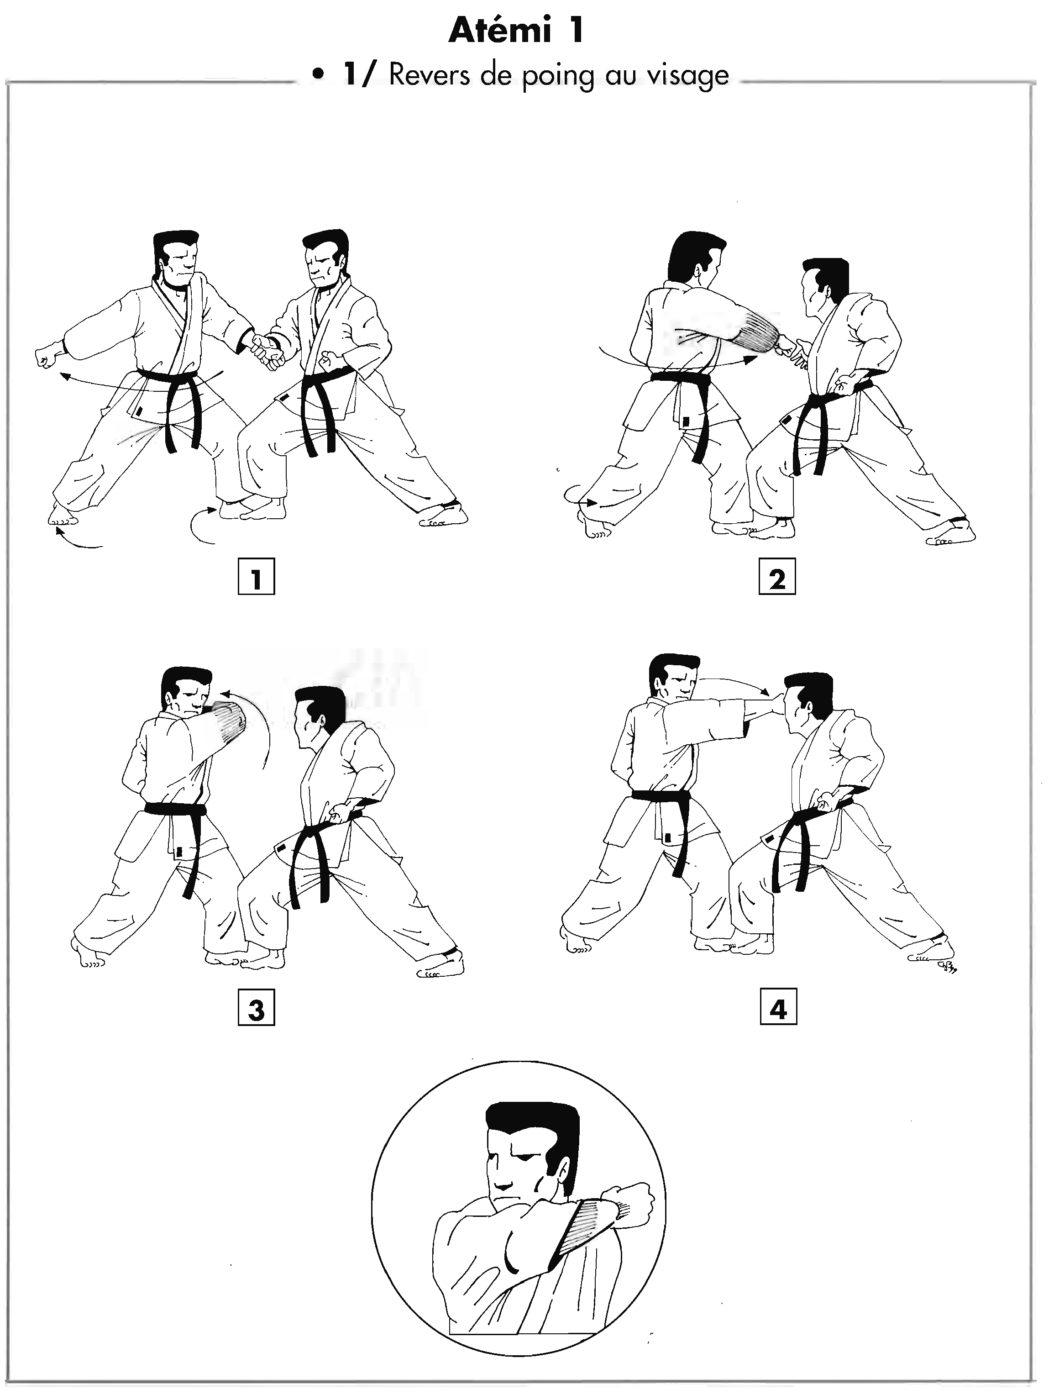 Atemi : jodan uraken uchi – revers du poing au visage